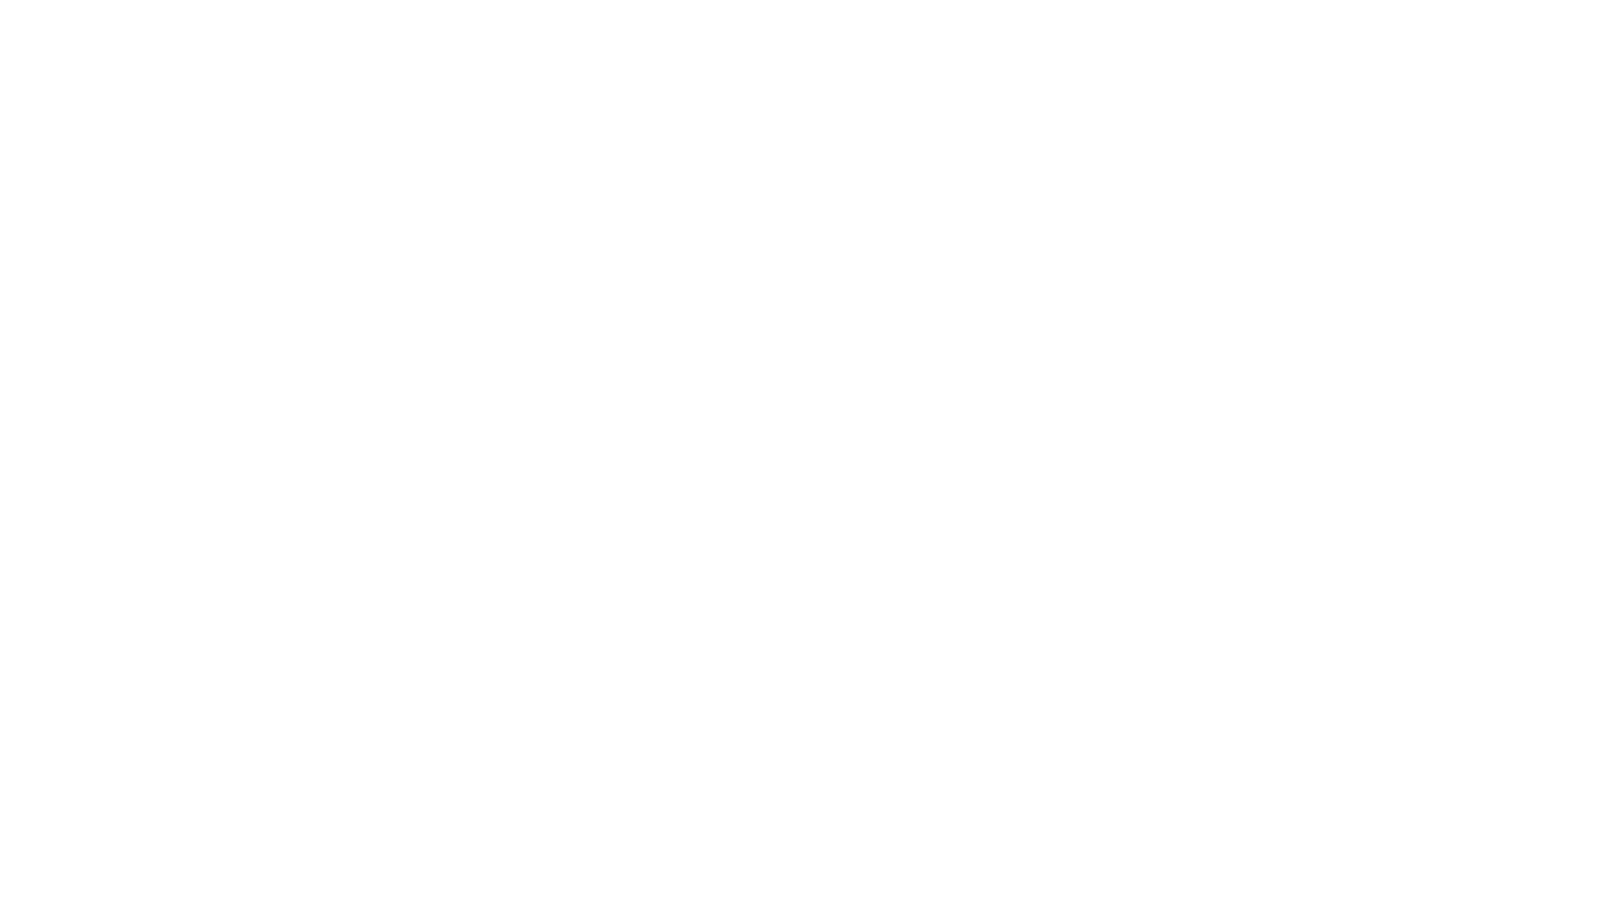 Dopo questi fatti, Gesù andò all'altra riva del mare di Galilea, cioè di Tiberìade, e una grande folla lo seguiva, vedendo i segni che faceva sugli infermi. Gesù salì sulla montagna e là si pose a sedere con i suoi discepoli. Era vicina la Pasqua, la festa dei Giudei. Alzati quindi gli occhi, Gesù vide che una grande folla veniva da lui e disse a Filippo: «Dove possiamo comprare il pane perché costoro abbiano da mangiare?». Diceva così per metterlo alla prova; egli infatti sapeva bene quello che stava per fare. Gli rispose Filippo: «Duecento denari di pane non sono sufficienti neppure perché ognuno possa riceverne un pezzo». Gli disse allora uno dei discepoli, Andrea, fratello di Simon Pietro: «C'è qui un ragazzo che ha cinque pani d'orzo e due pesci; ma che cos'è questo per tanta gente?». Rispose Gesù: «Fateli sedere». C'era molta erba in quel luogo. Si sedettero dunque ed erano circa cinquemila uomini. Allora Gesù prese i pani e, dopo aver reso grazie, li distribuì a quelli che si erano seduti, e lo stesso fece dei pesci, finché ne vollero. E quando furono saziati, disse ai discepoli: «Raccogliete i pezzi avanzati, perché nulla vada perduto». Li raccolsero e riempirono dodici canestri con i pezzi dei cinque pani d'orzo, avanzati a coloro che avevano mangiato. Allora la gente, visto il segno che egli aveva compiuto, cominciò a dire: «Questi è davvero il profeta che deve venire nel mondo!». Ma Gesù, sapendo che stavano per venire a prenderlo per farlo re, si ritirò di nuovo sulla montagna, tutto solo.  Giovanni 6,1-15 ____________________________________________________ Facebook 🔸 https://www.facebook.com/visitazionepescara/  Instagram 🔹 https://www.instagram.com/visitazione.pe/?hl=it  Sito web 🔸 https://www.visitazionepescara.it/